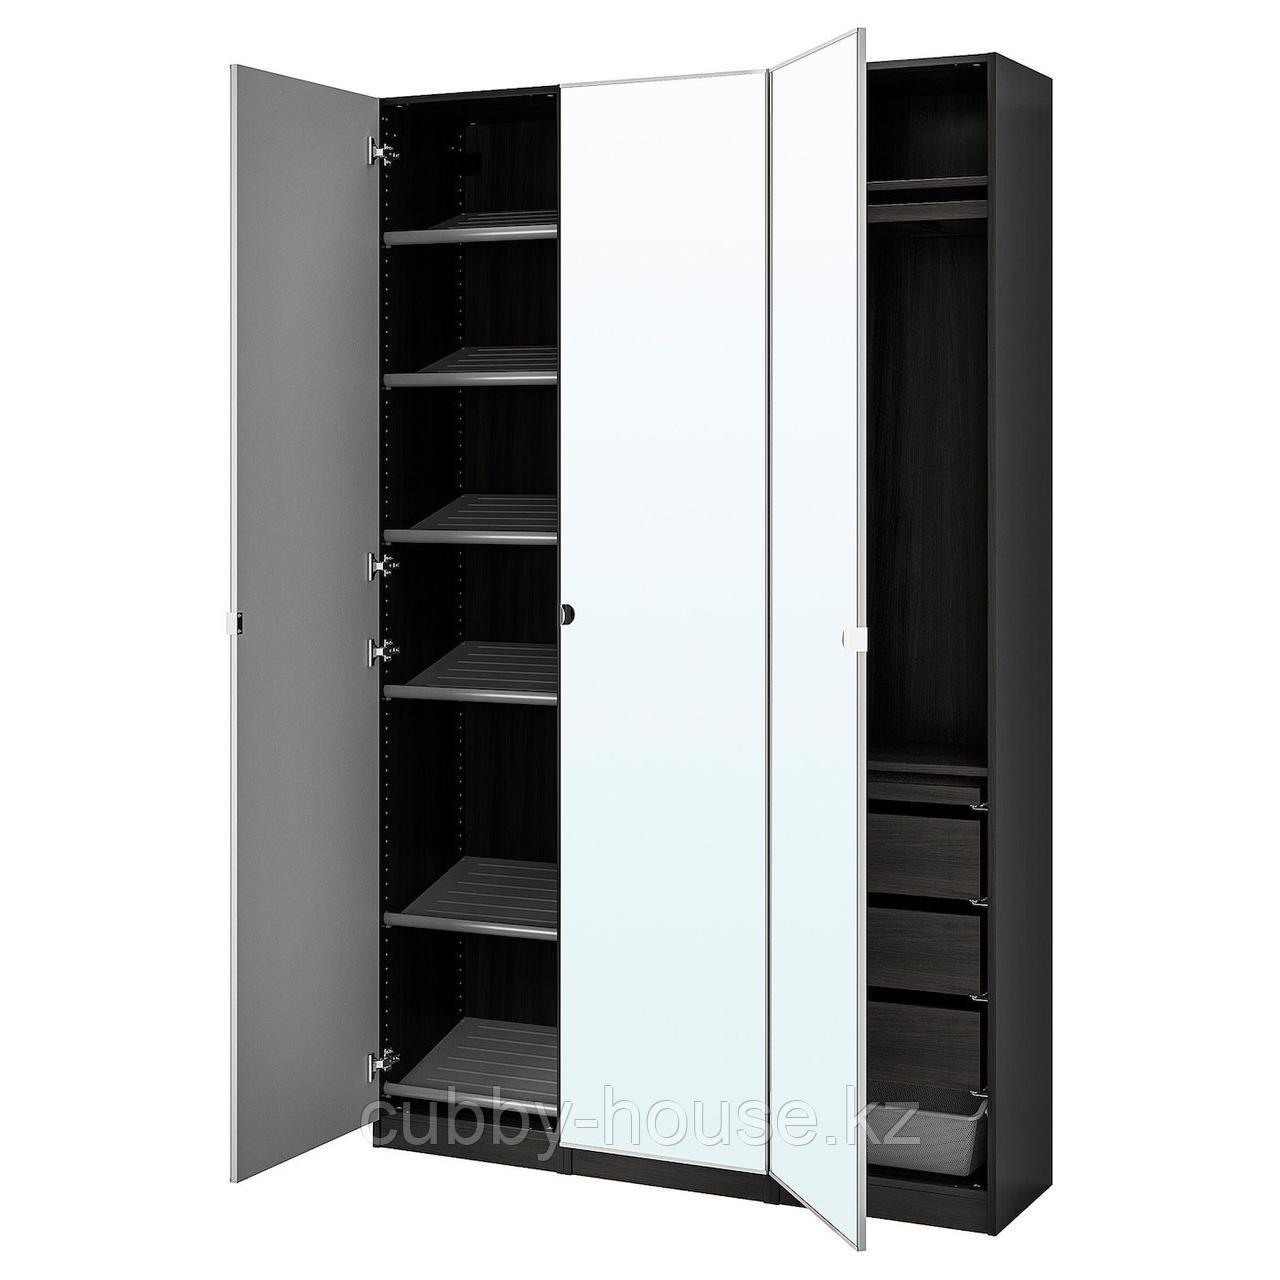 ПАКС / ВИКЕДАЛЬ Гардероб, комбинация, черно-коричневый, зеркальное стекло, 150x38x236 см